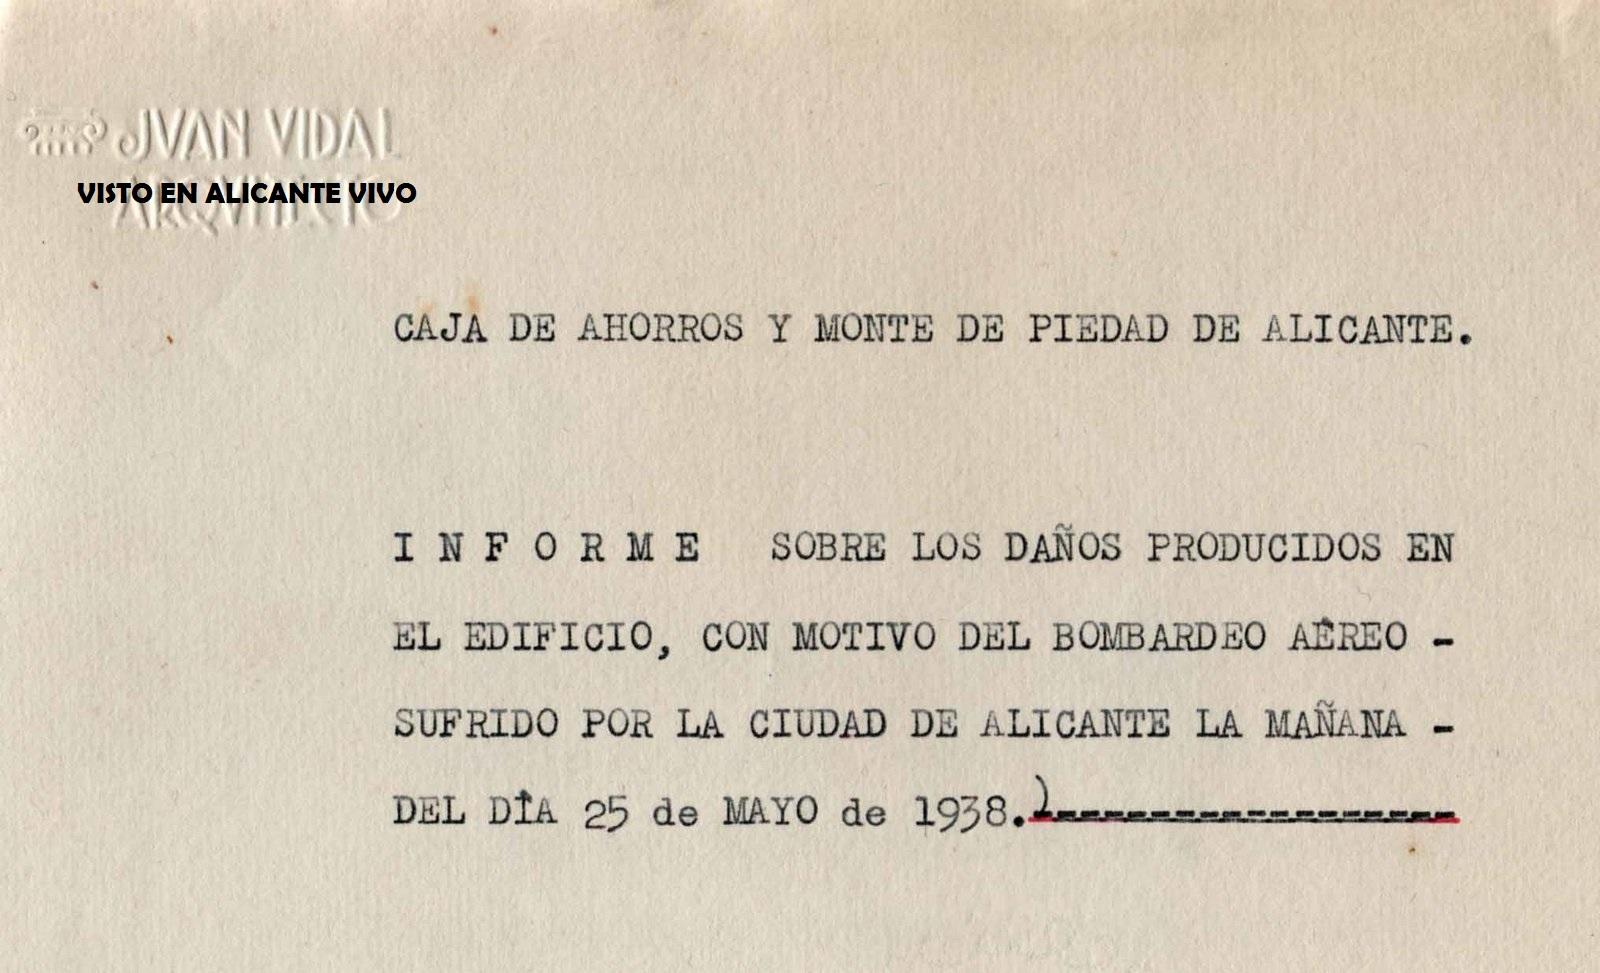 direccion caja mediterraneo: